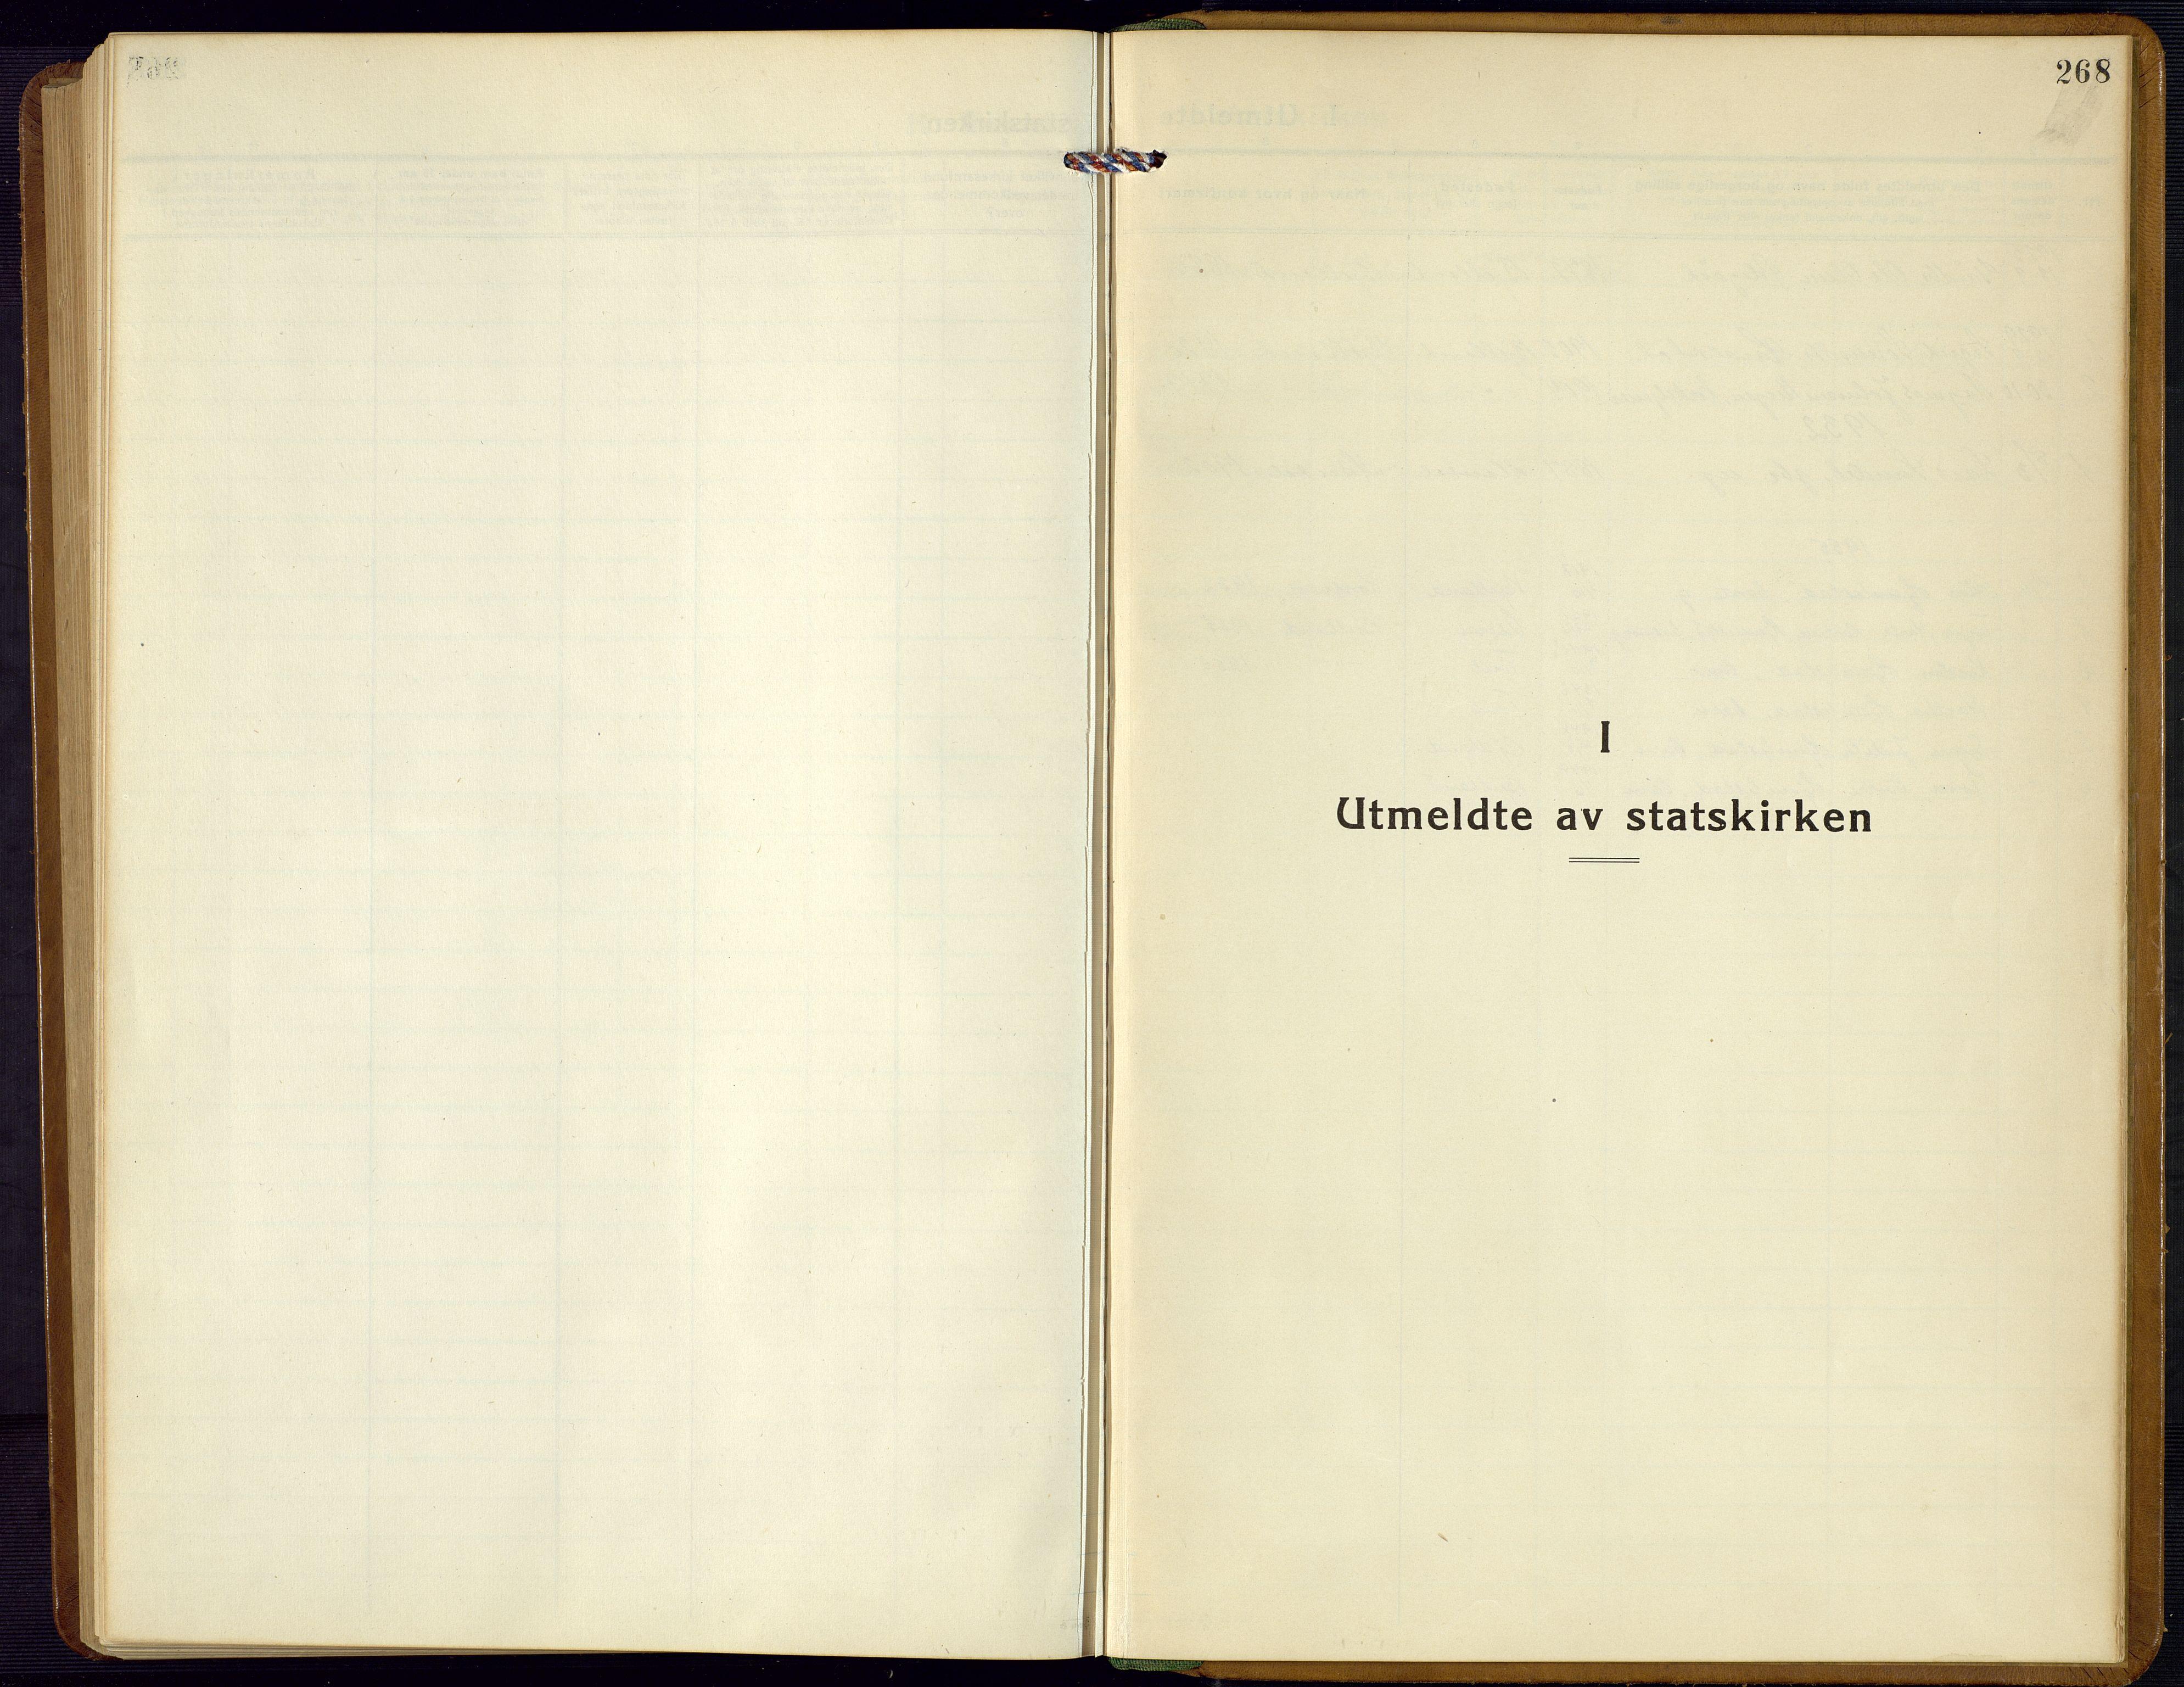 SAK, Bjelland sokneprestkontor, F/Fb/Fba/L0006: Klokkerbok nr. B 6, 1923-1956, s. 268